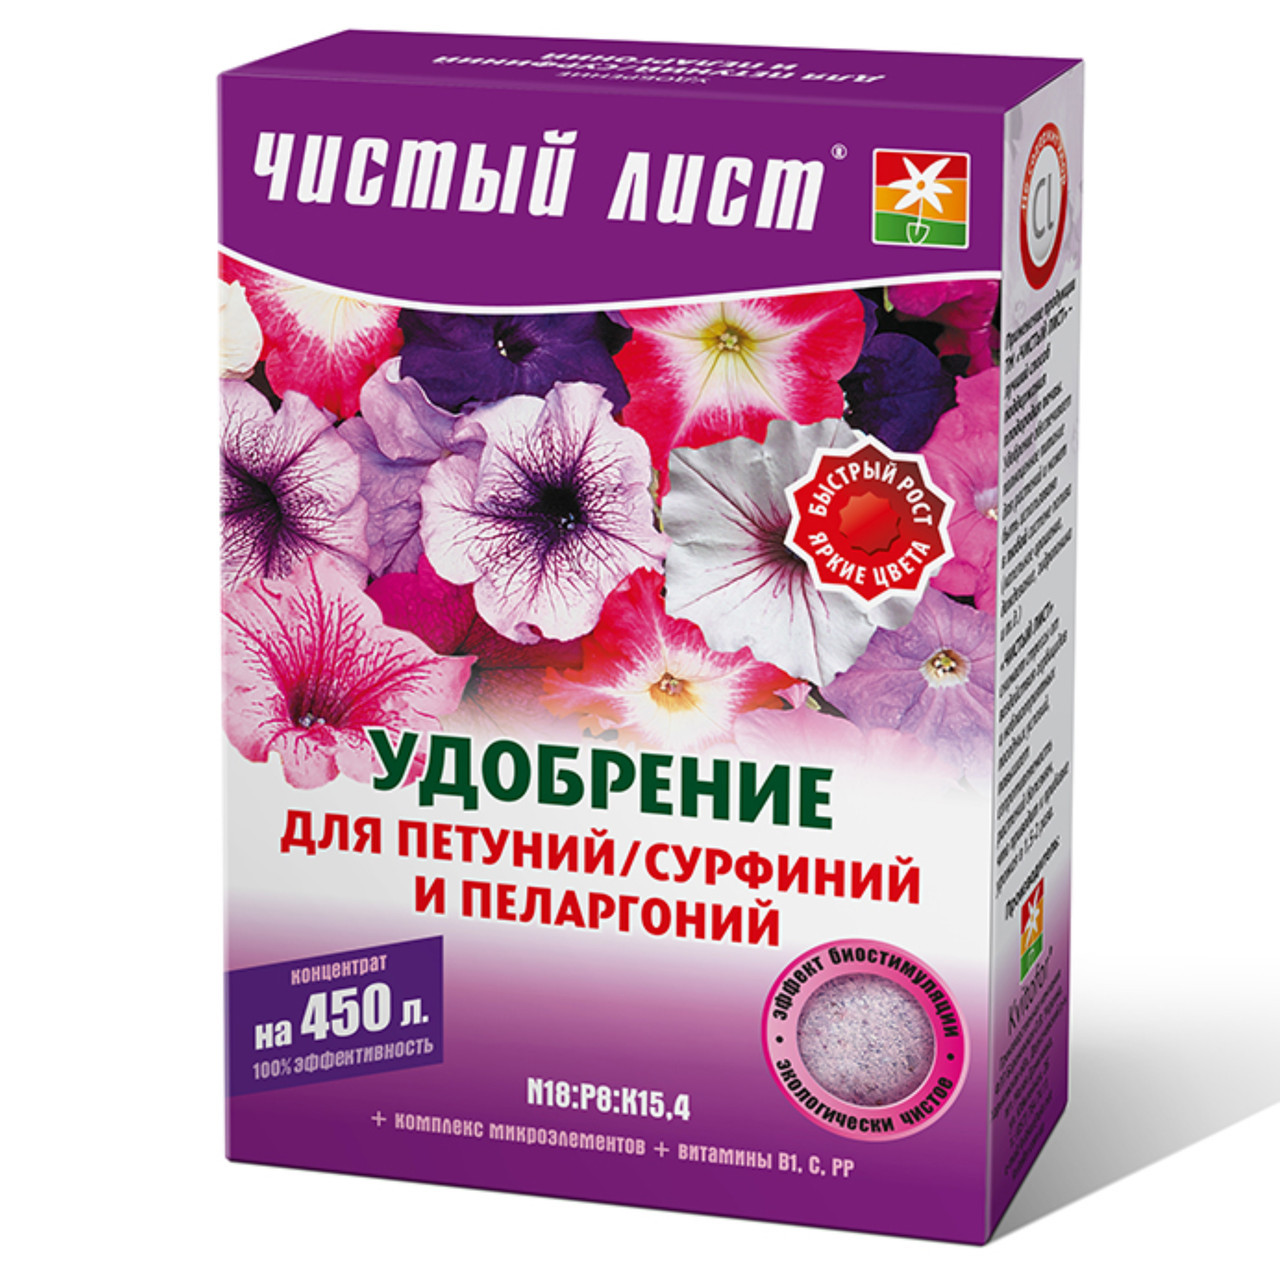 Чистый лист удобрение для петуний/сурфиний и пеларгоний 300 г 1424.015 Kvitofor